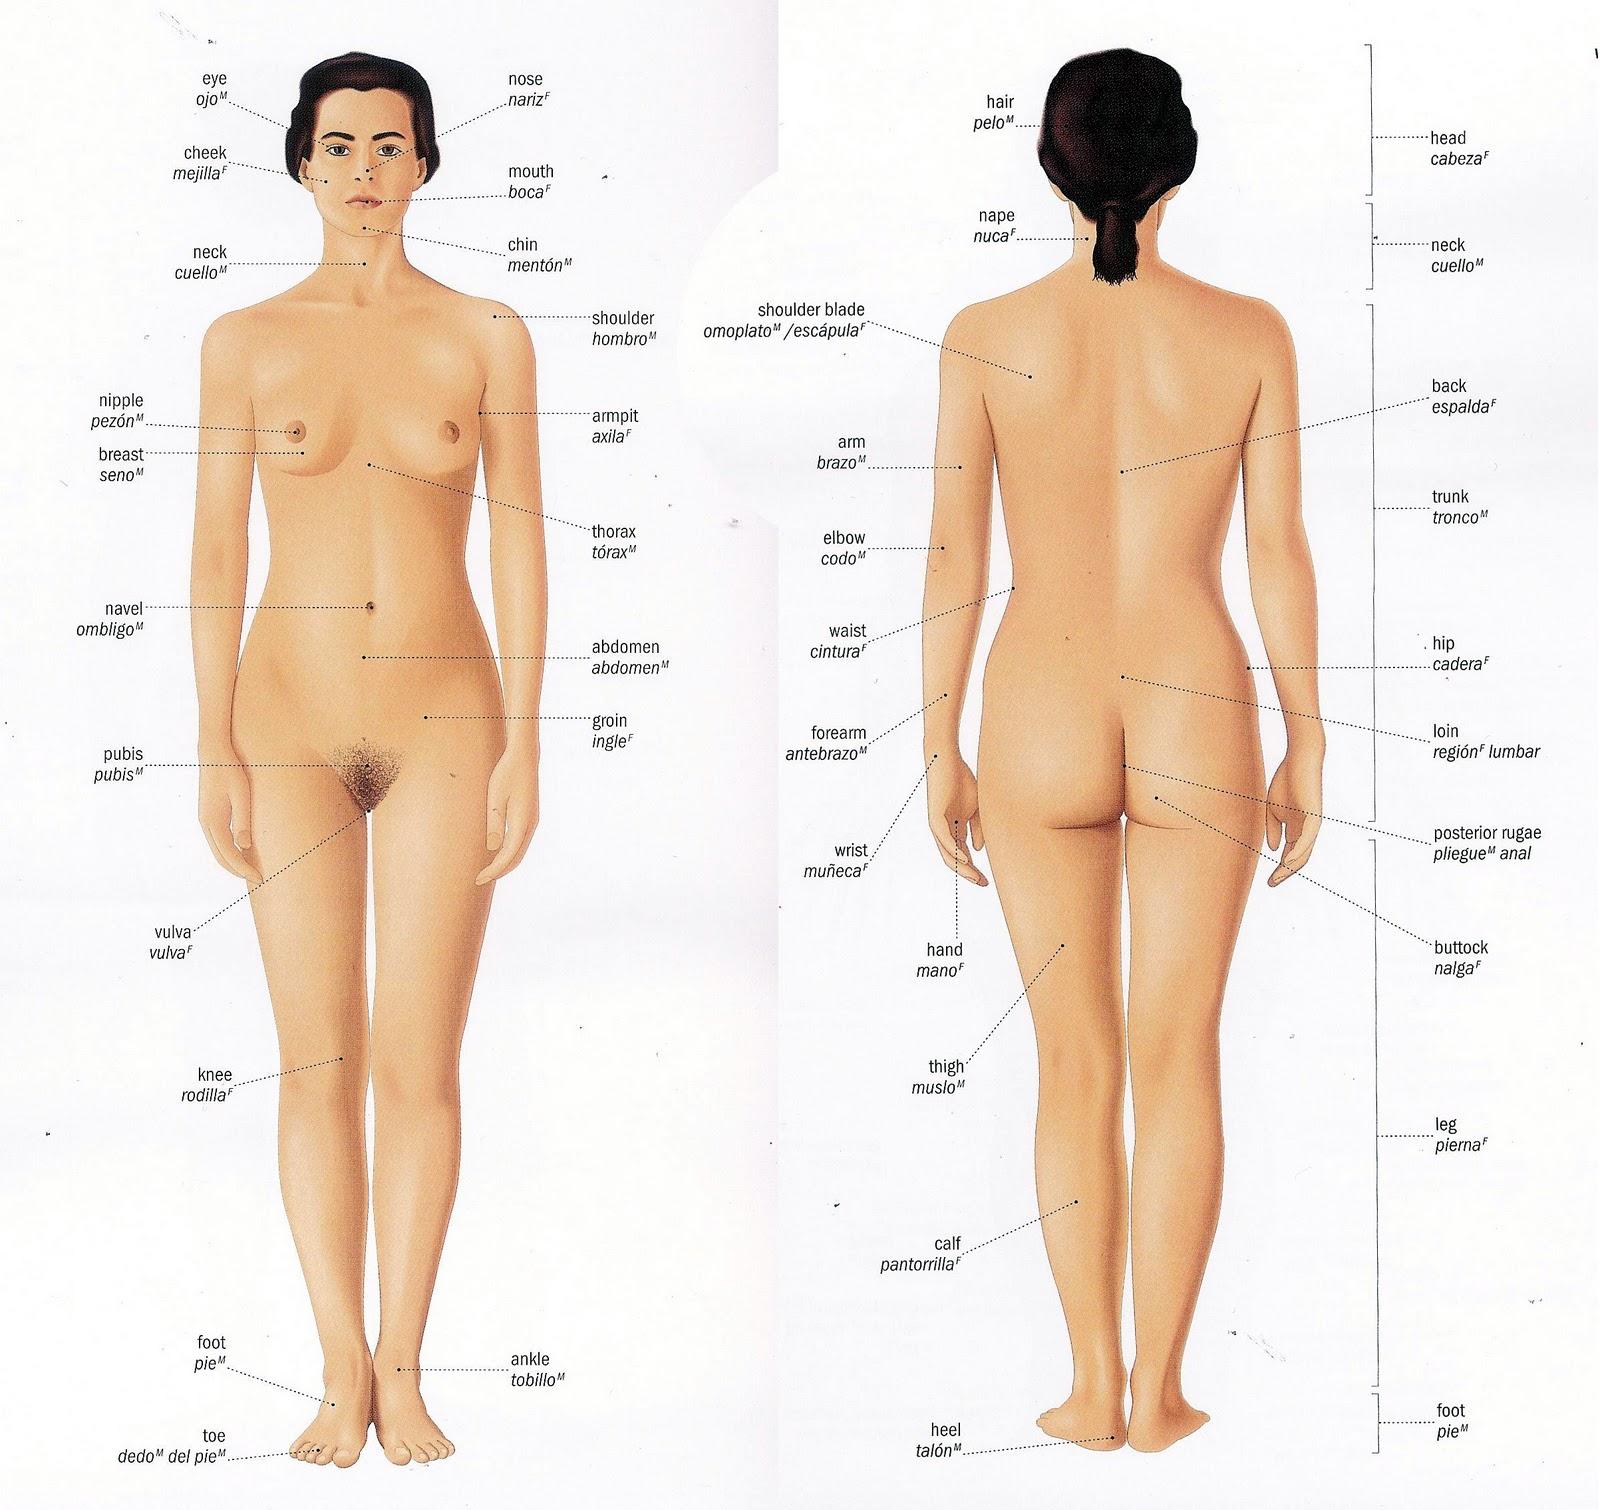 el cuerpo femenino – Red Artes Plásticas y Visuales de Medellín